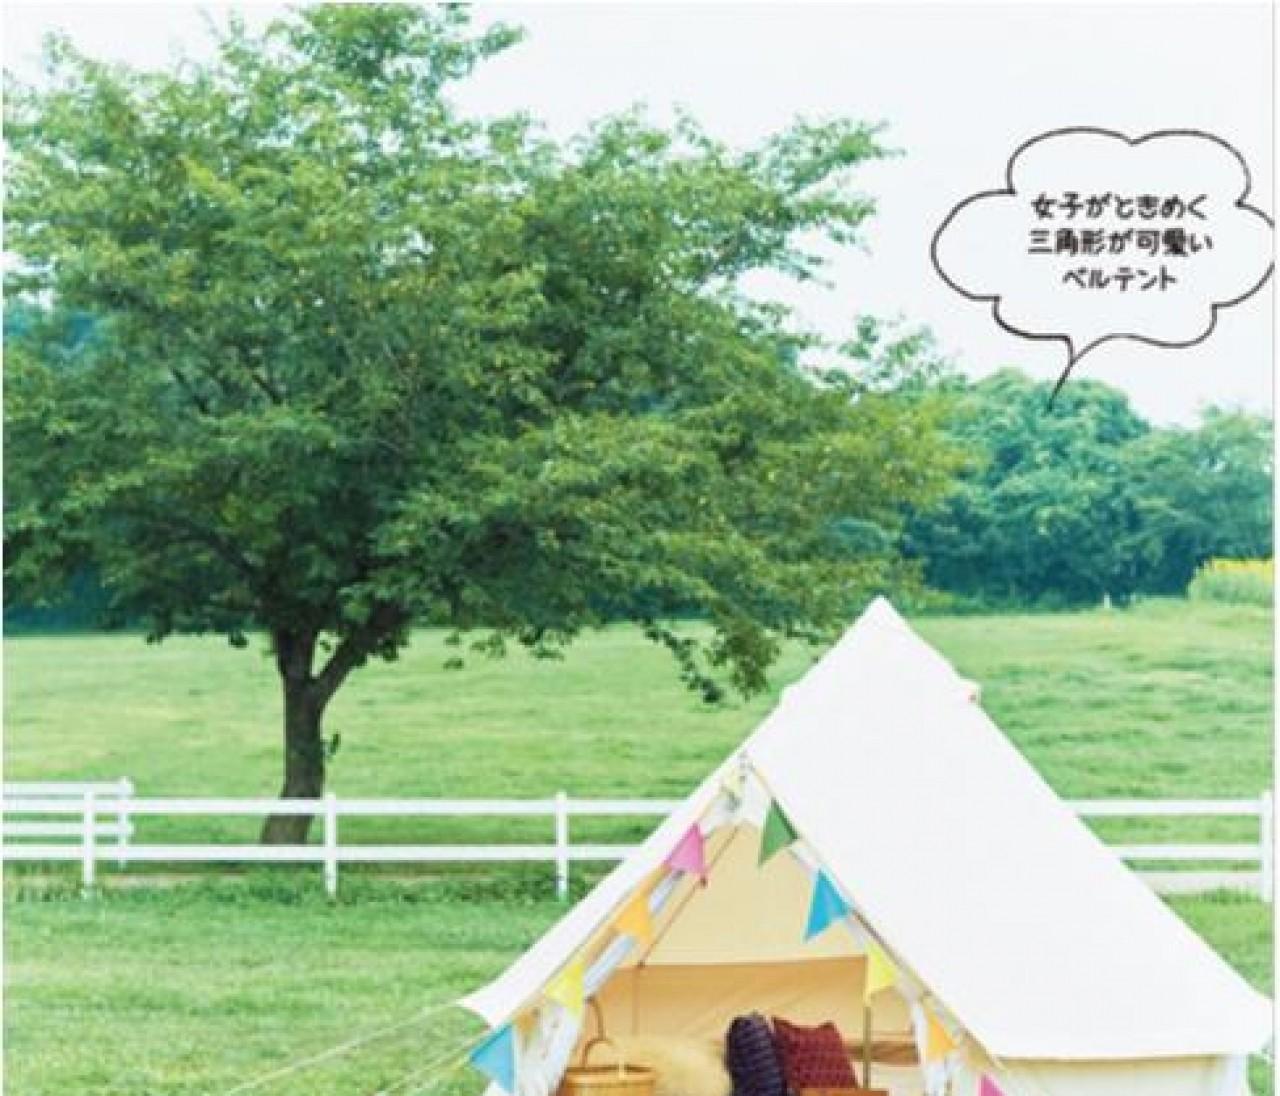 最高に楽しいおしゃれキャンプのための必須アイテム、教えちゃいます